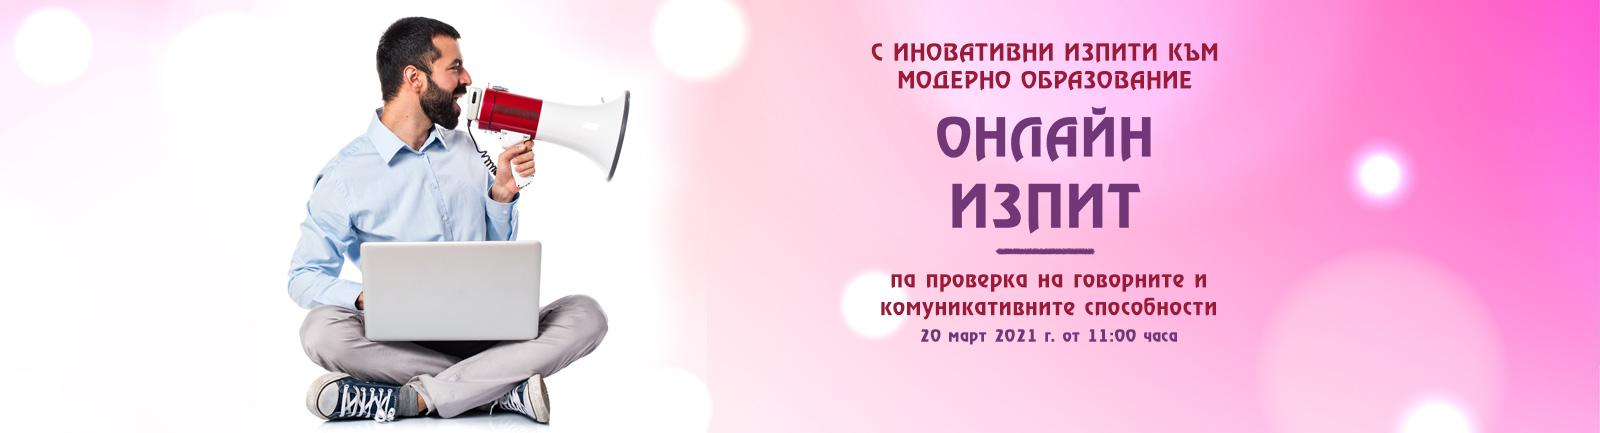 onlain-izpit-govorni-20032021